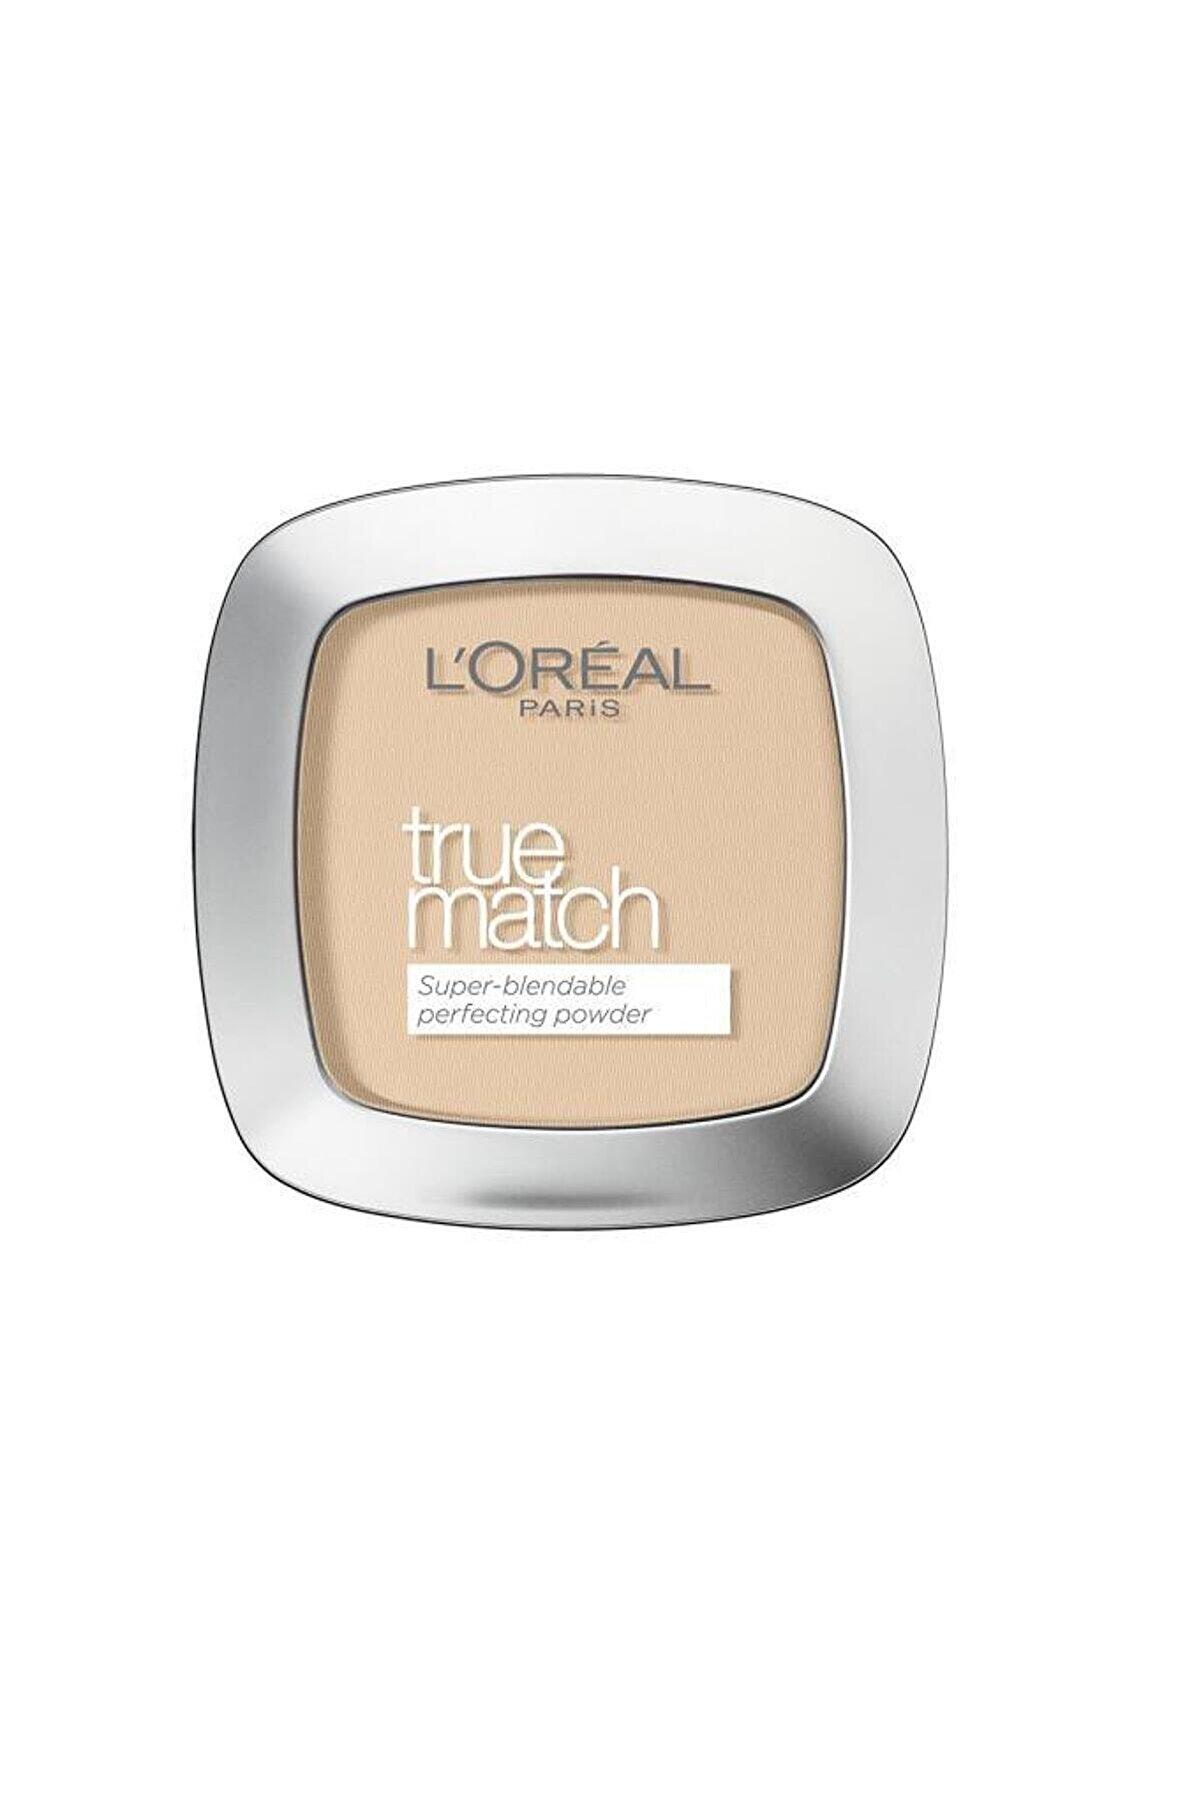 L'Oreal Paris Pudra - True Match Powder 2.R/2.C Rose Vanilla 3600520932903